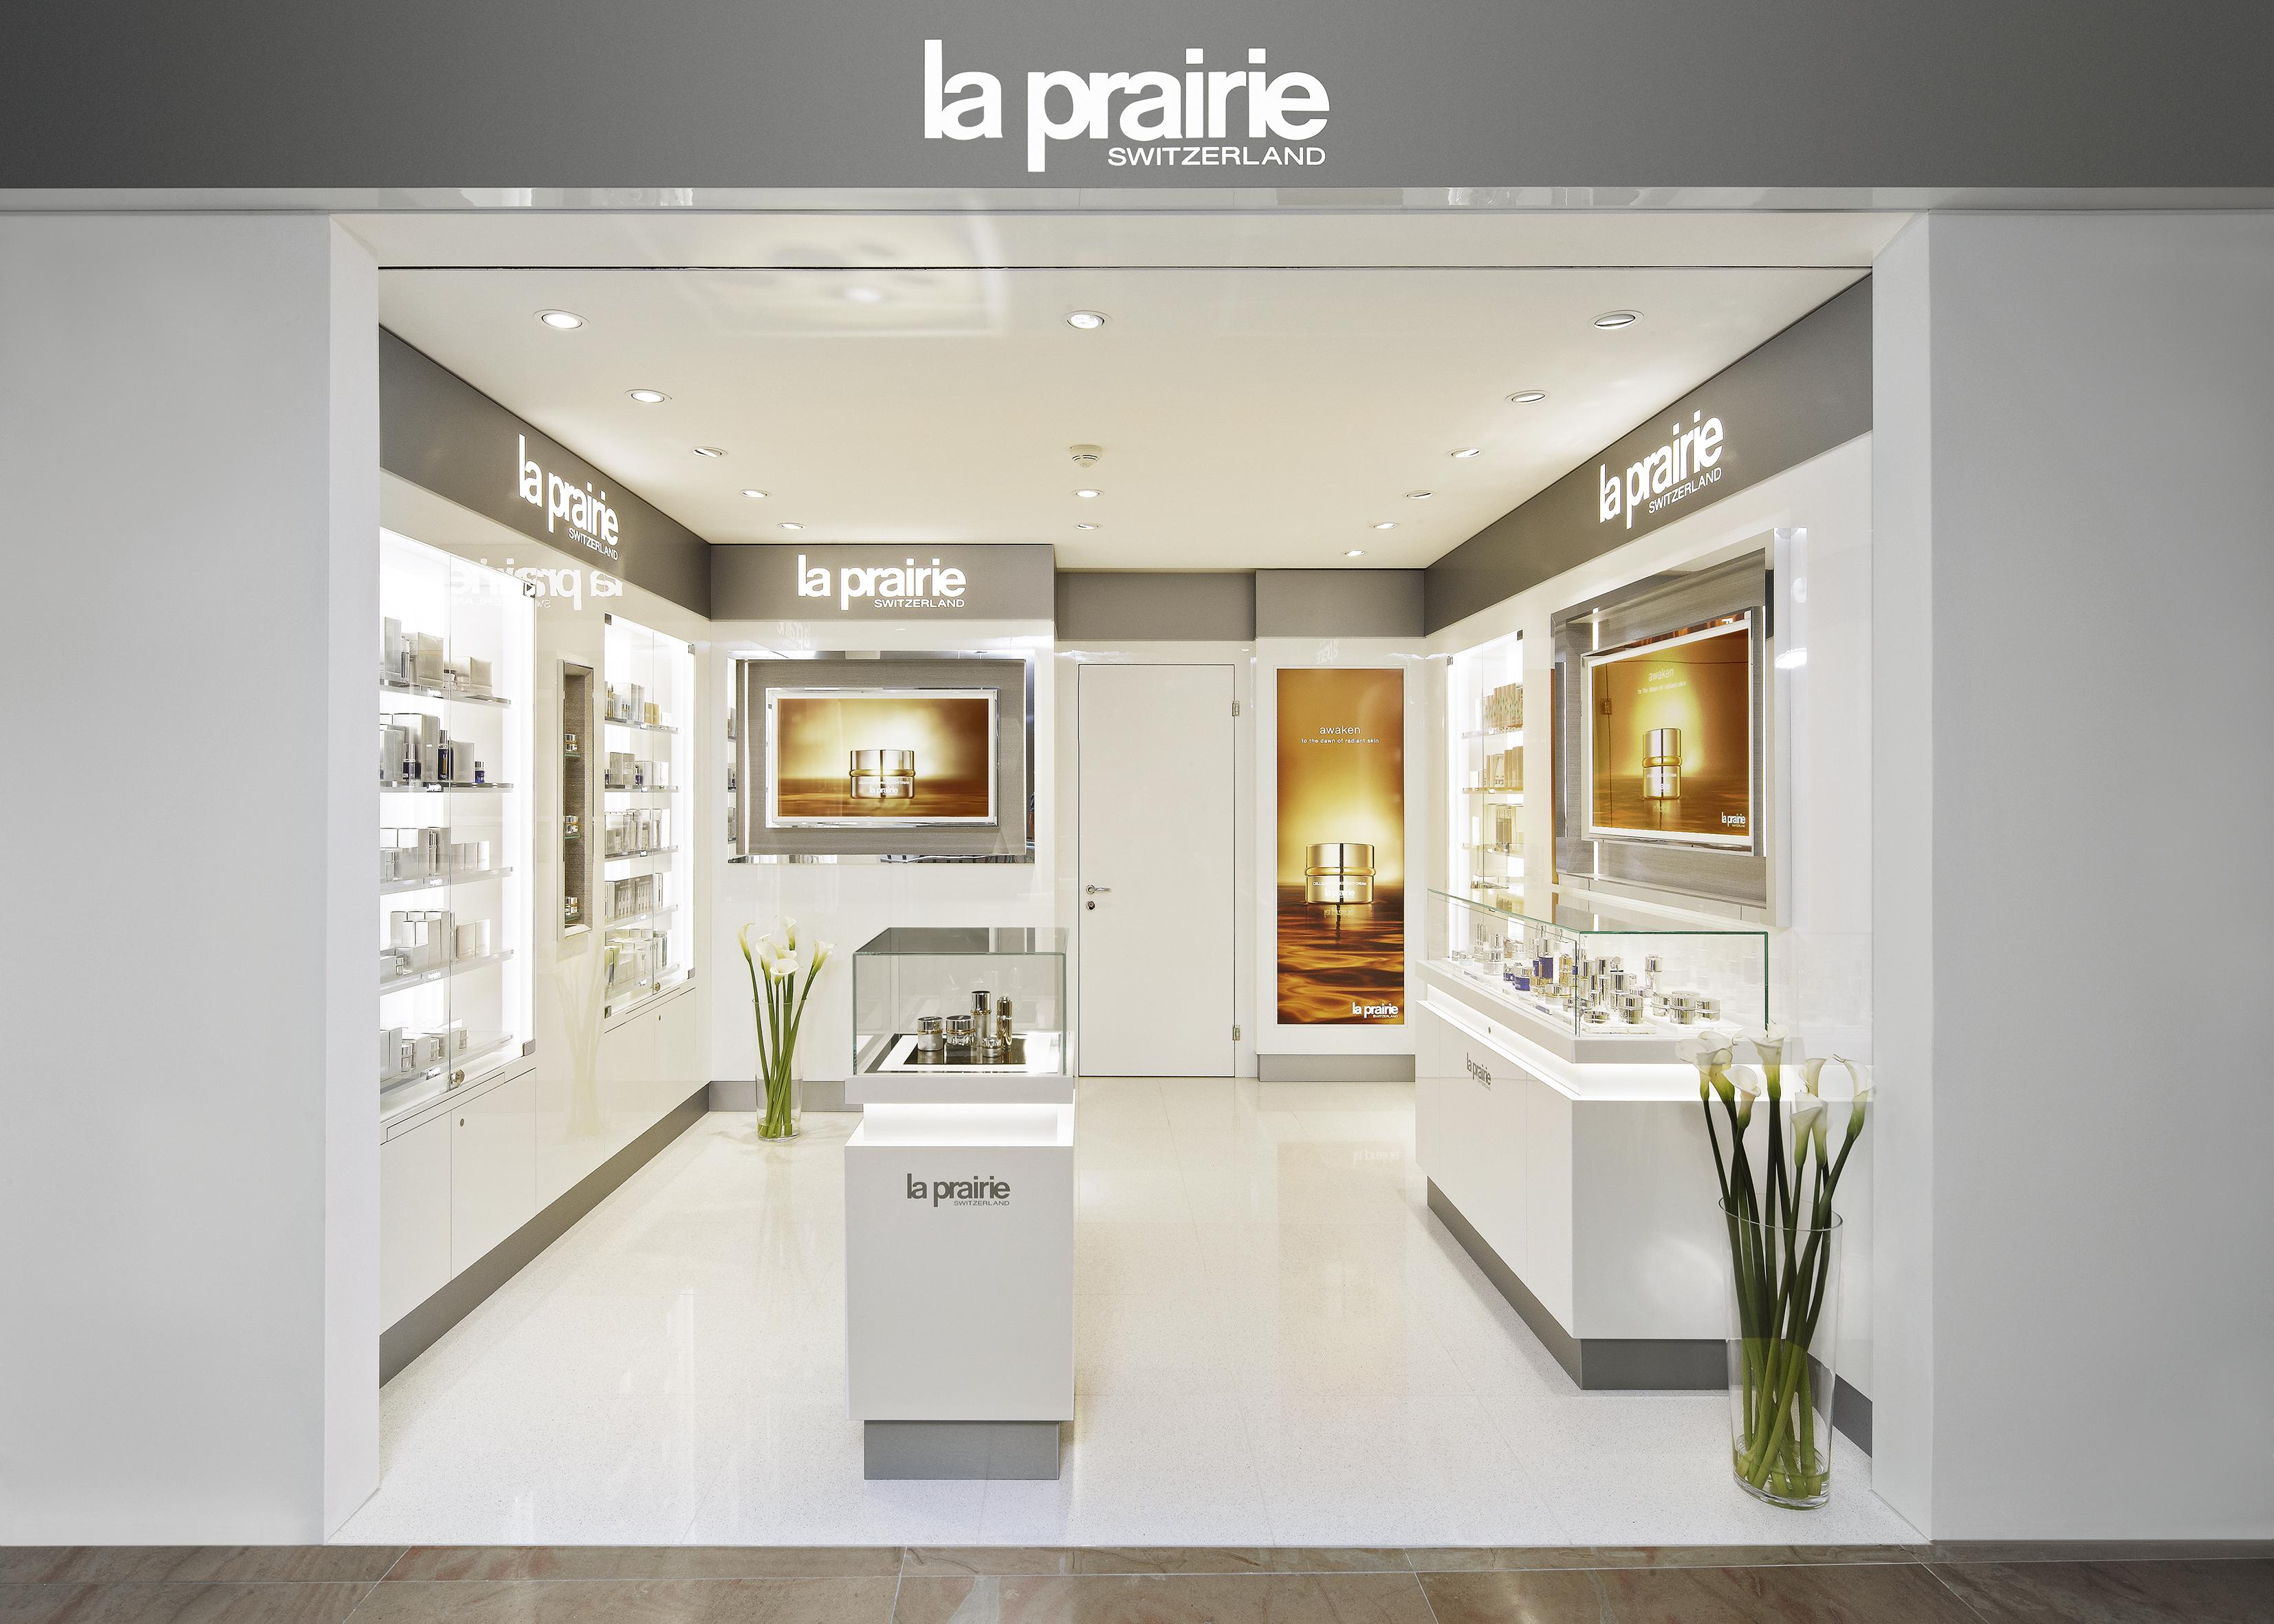 LaPrairie_Boutique_Boutique